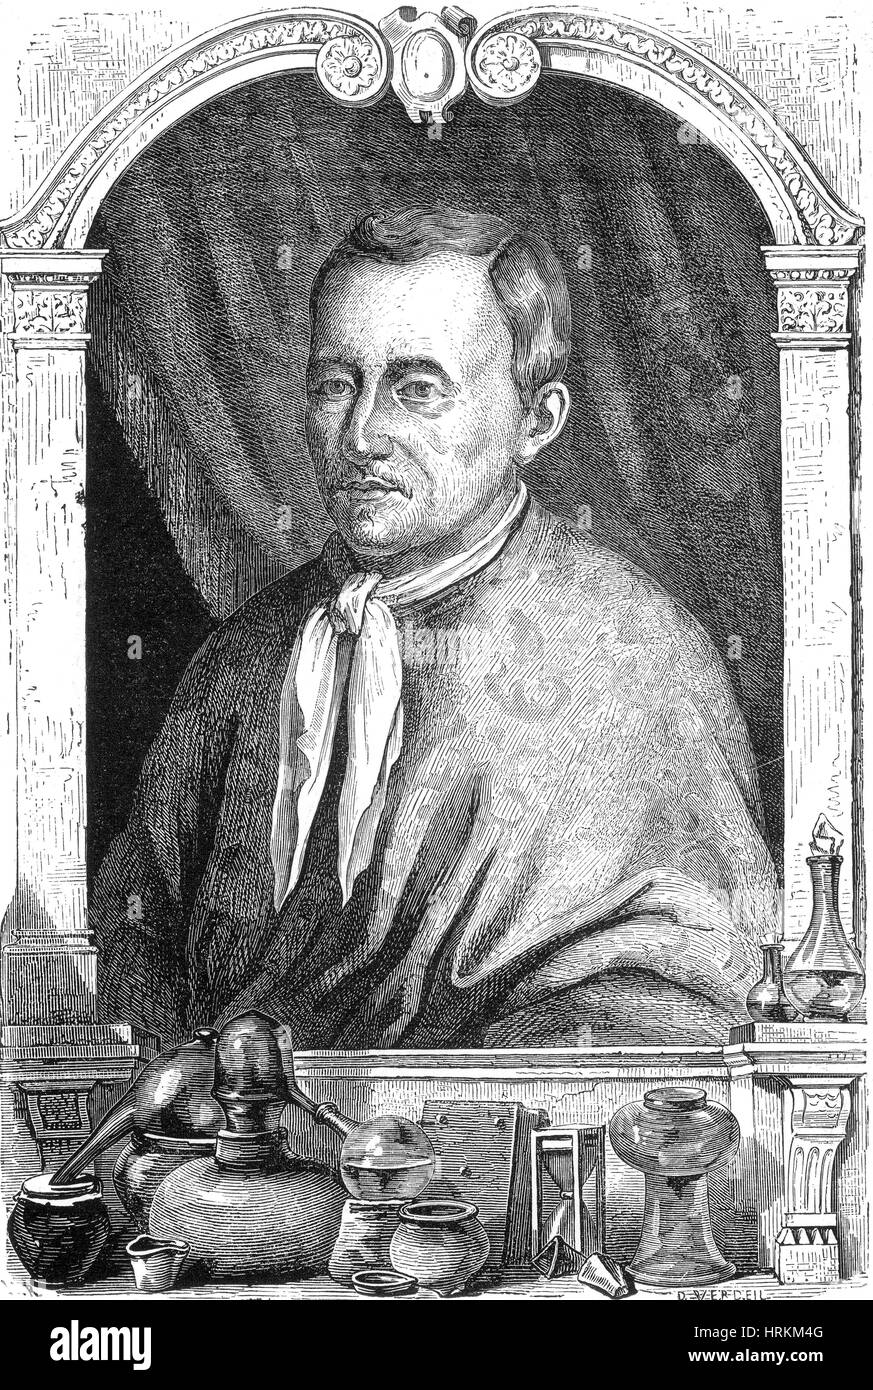 Jan Baptist van Helmont, Flemish Chemist - Stock Image